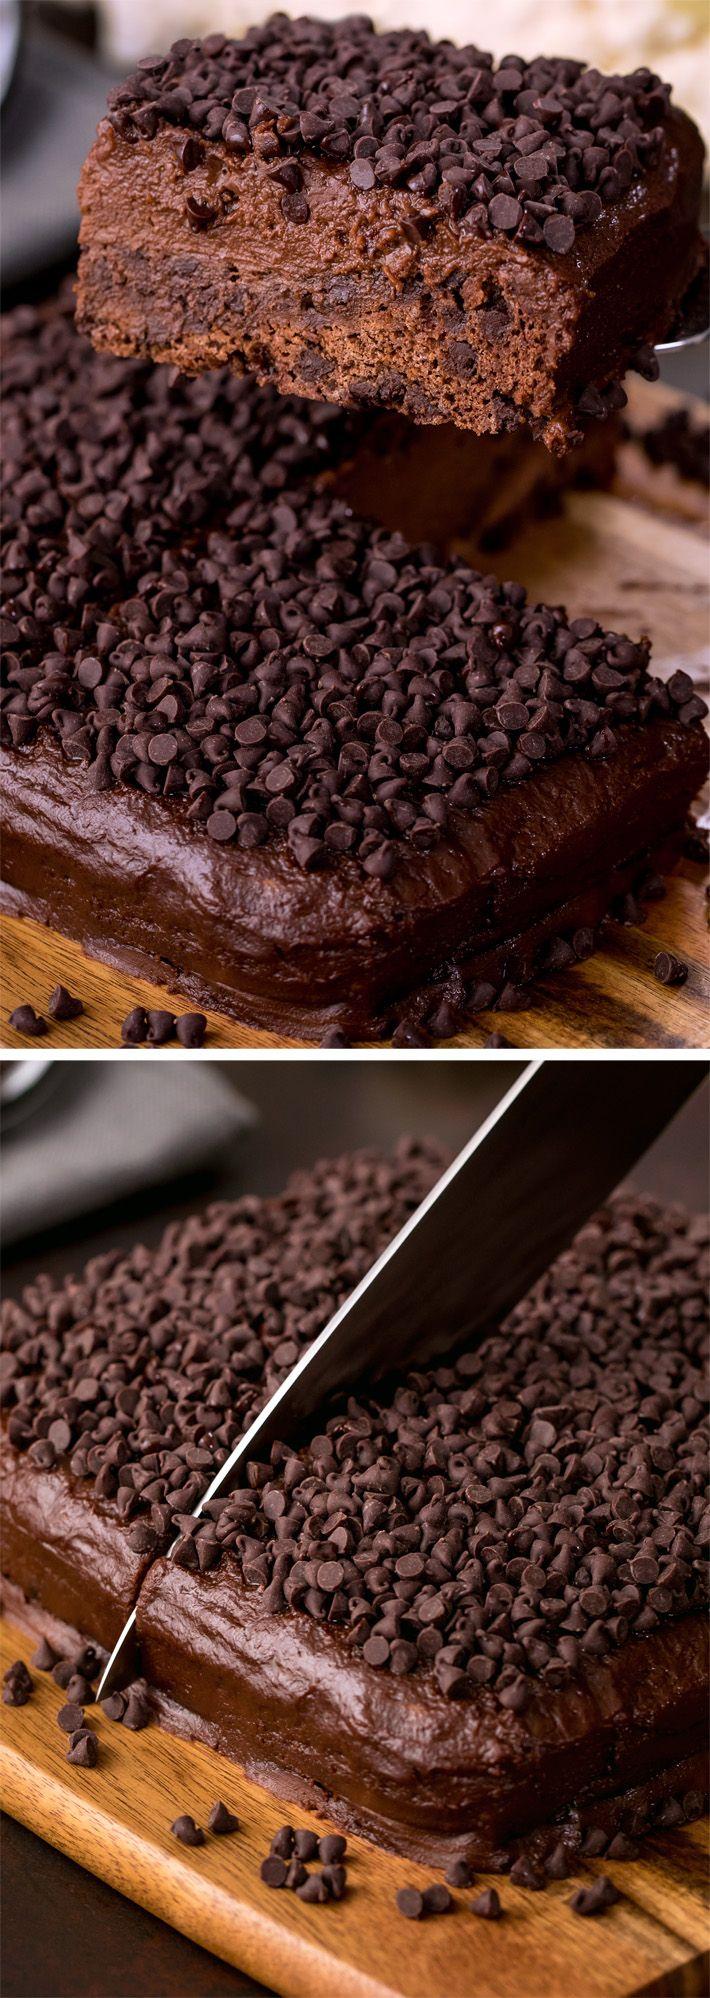 торт идеал шоколадный рецепт и фото первую очередь